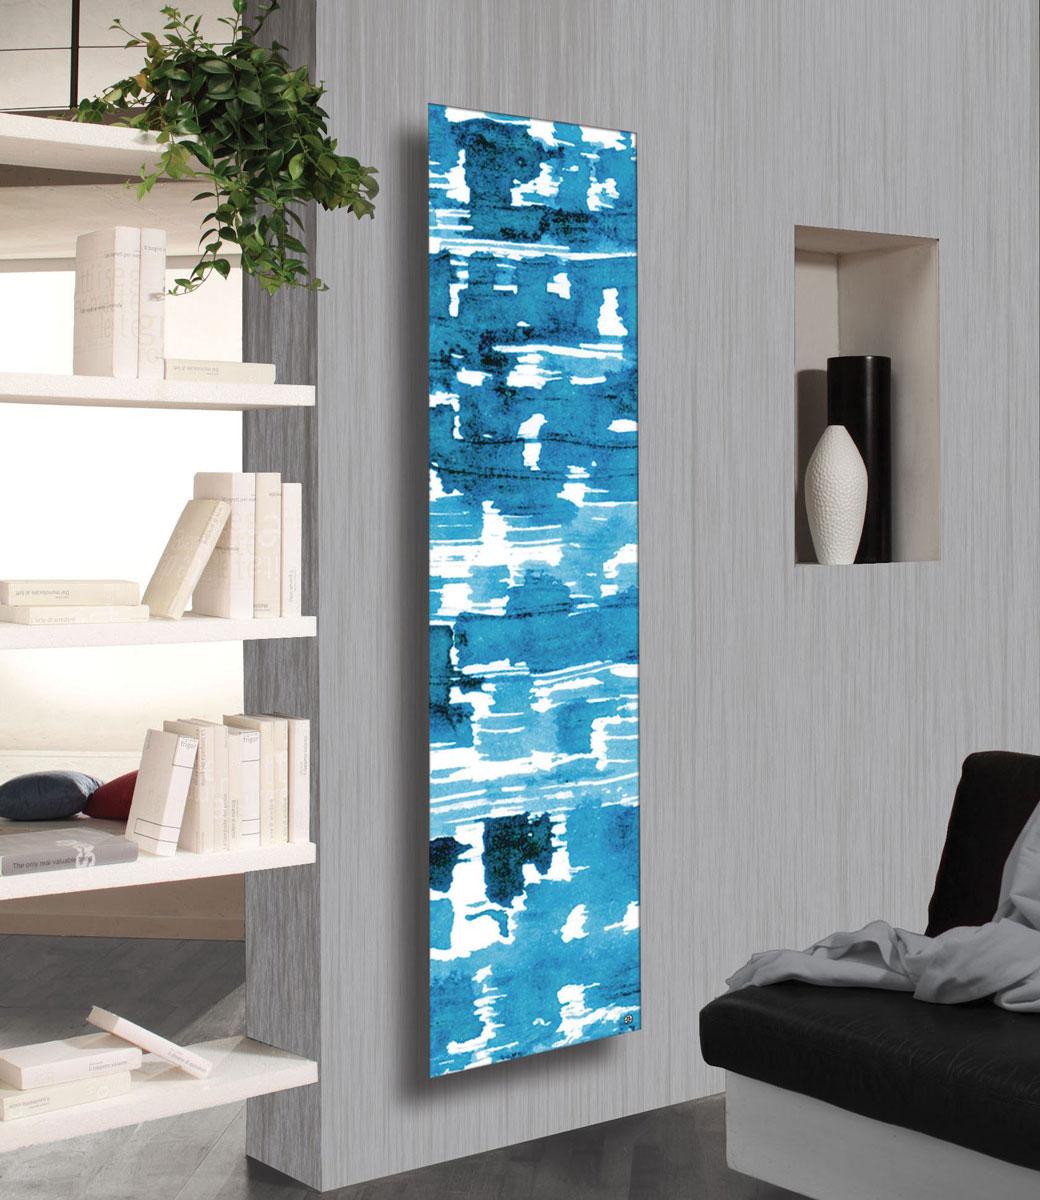 Płytowy grzejnik dekoracyjny pokojowy ze stali niestopowej (węglowej) z grafiką w niebieskich odcieniach